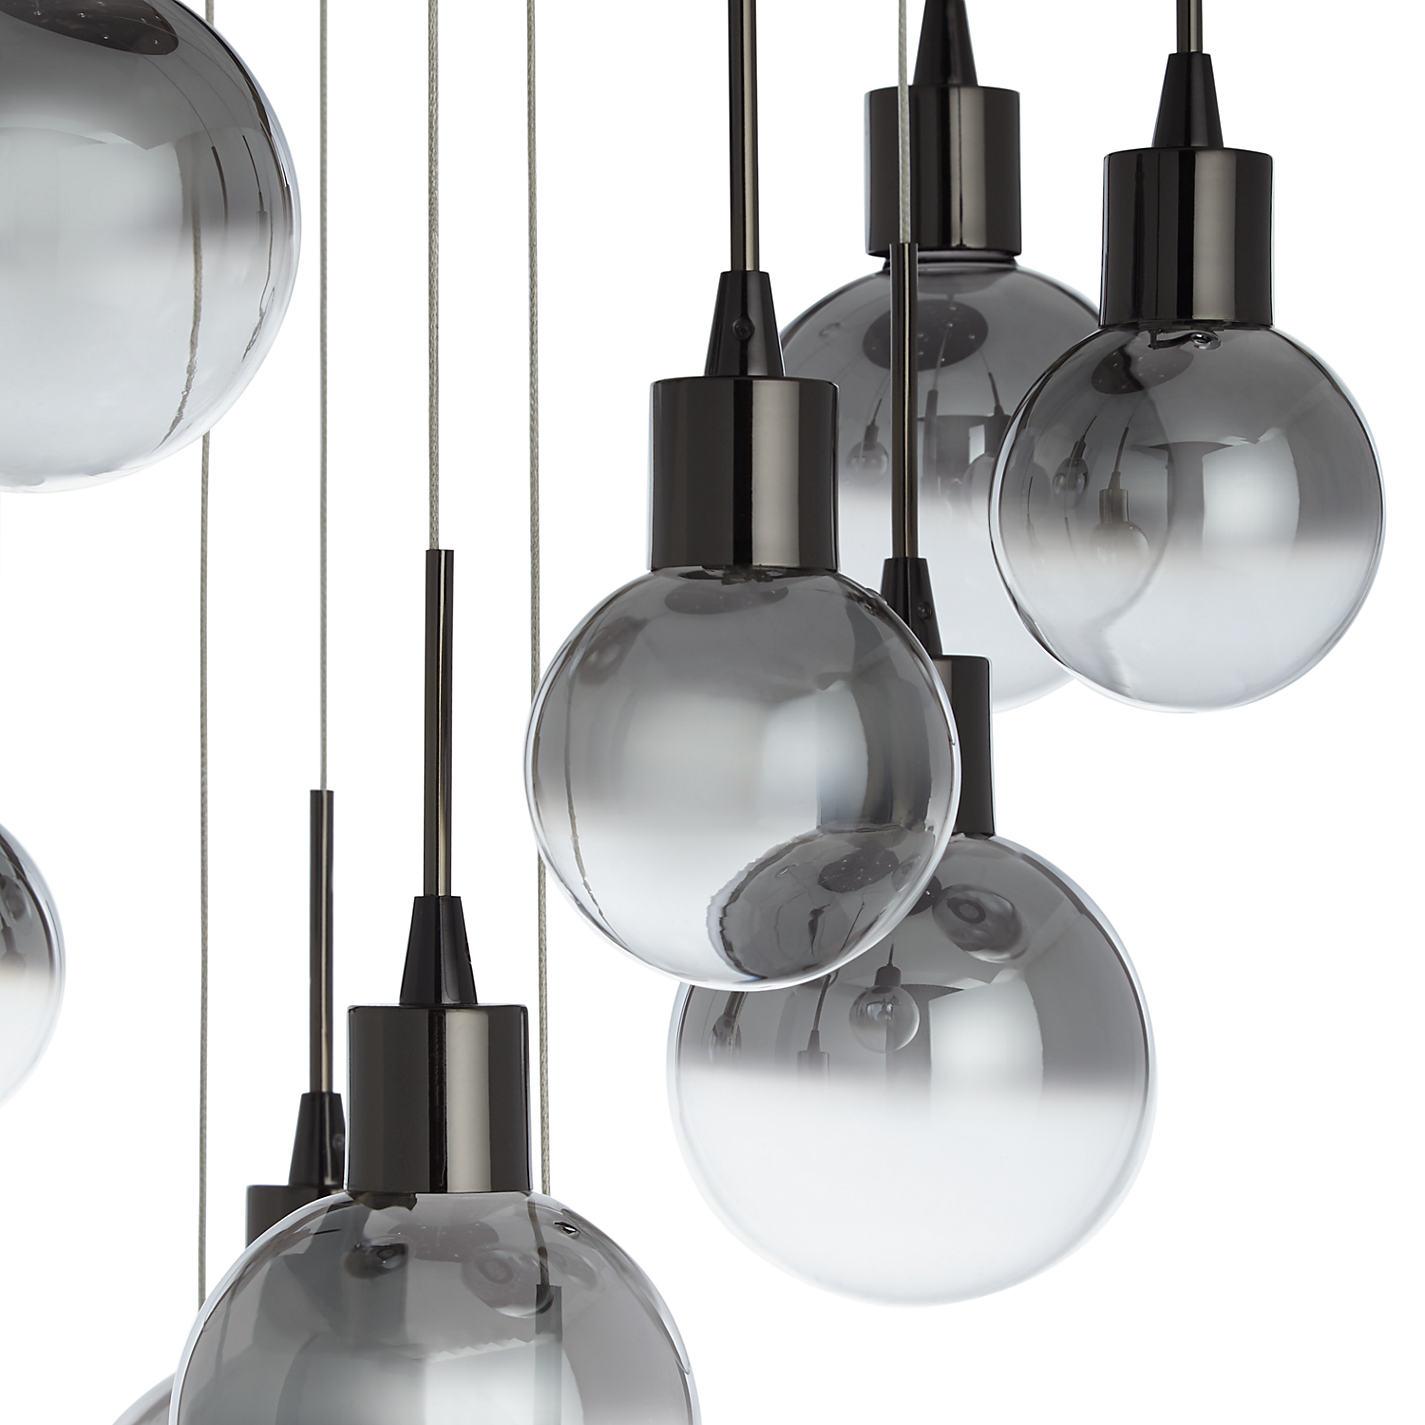 Buy John Lewis Dano LED Ombre Glass Ceiling Light, 10 Light, Black ...